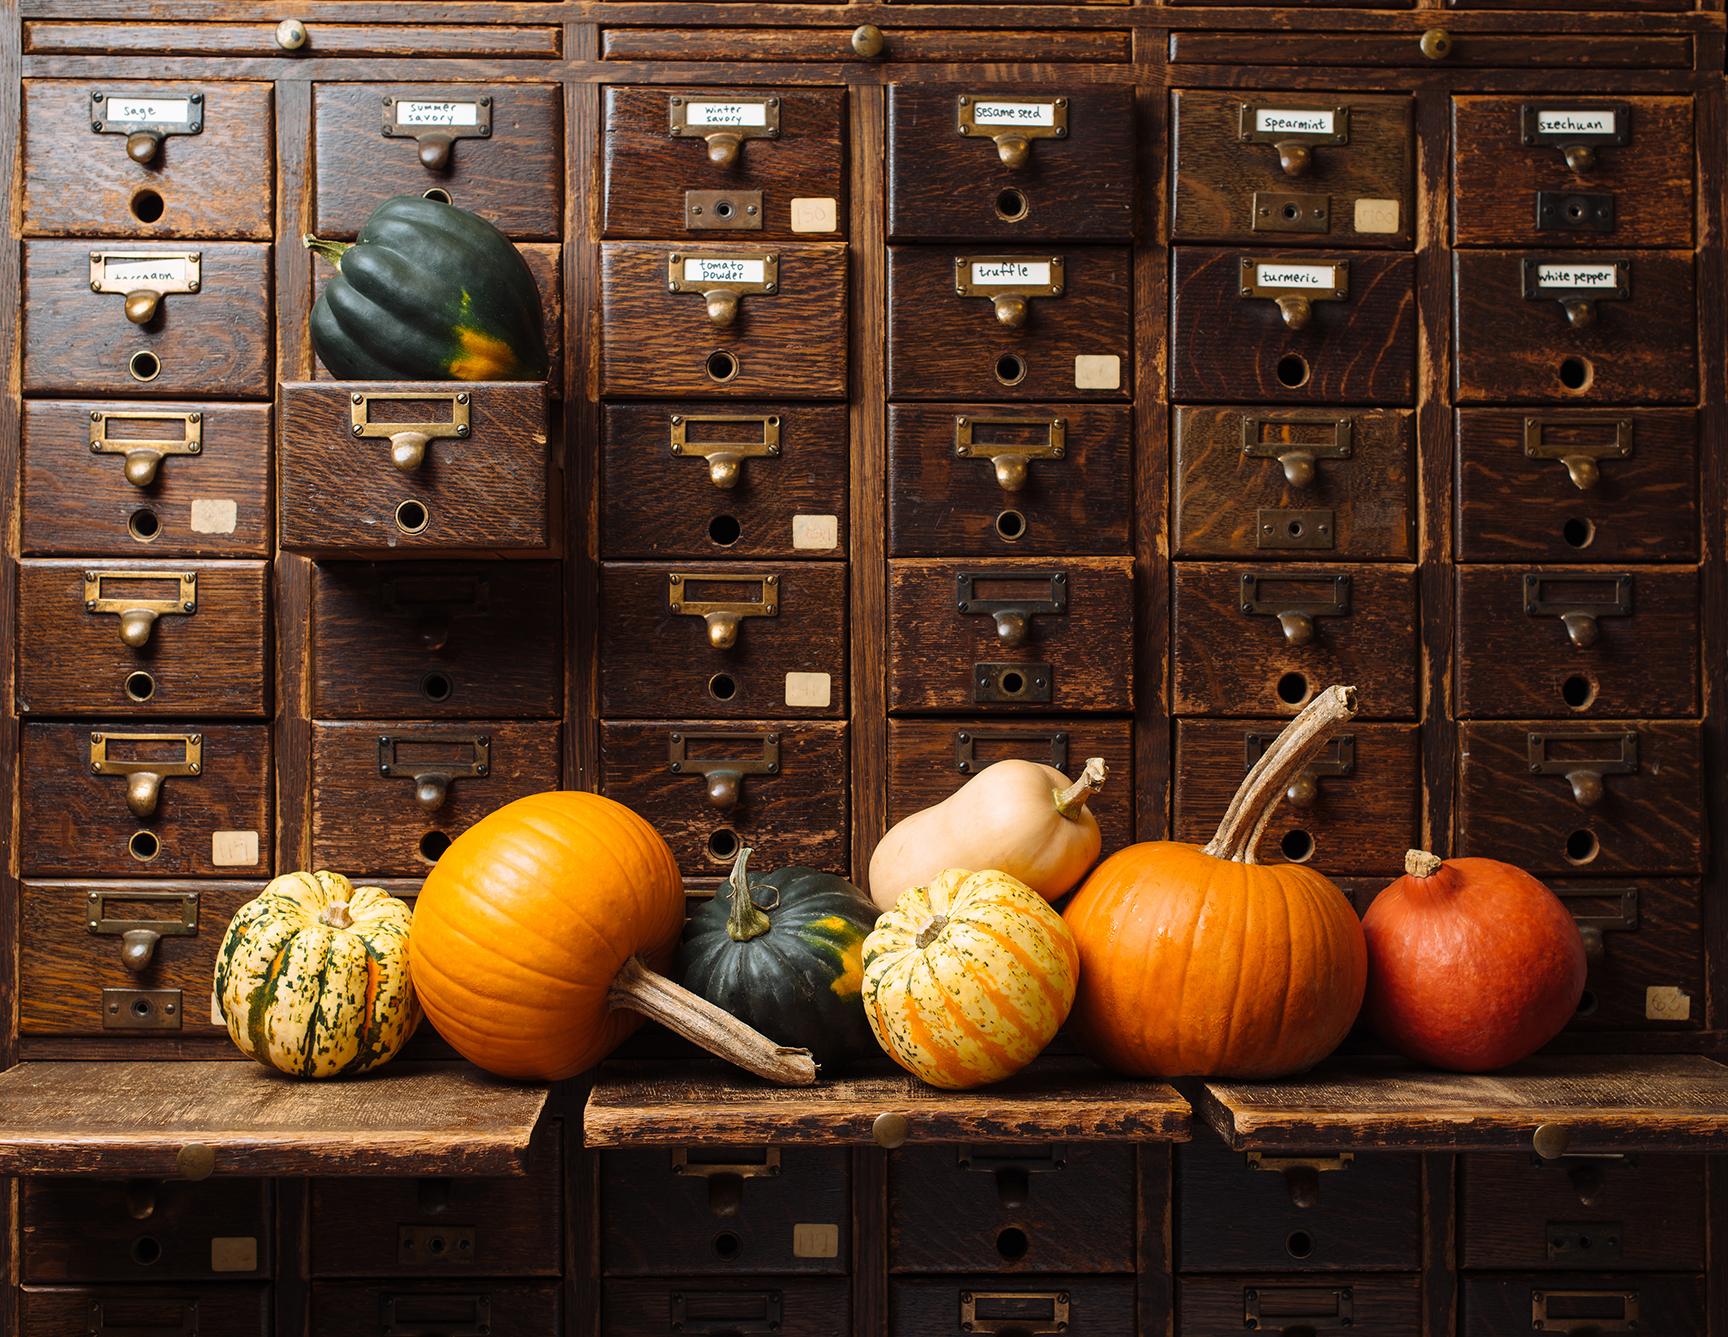 Fall produce at Marty's Market.